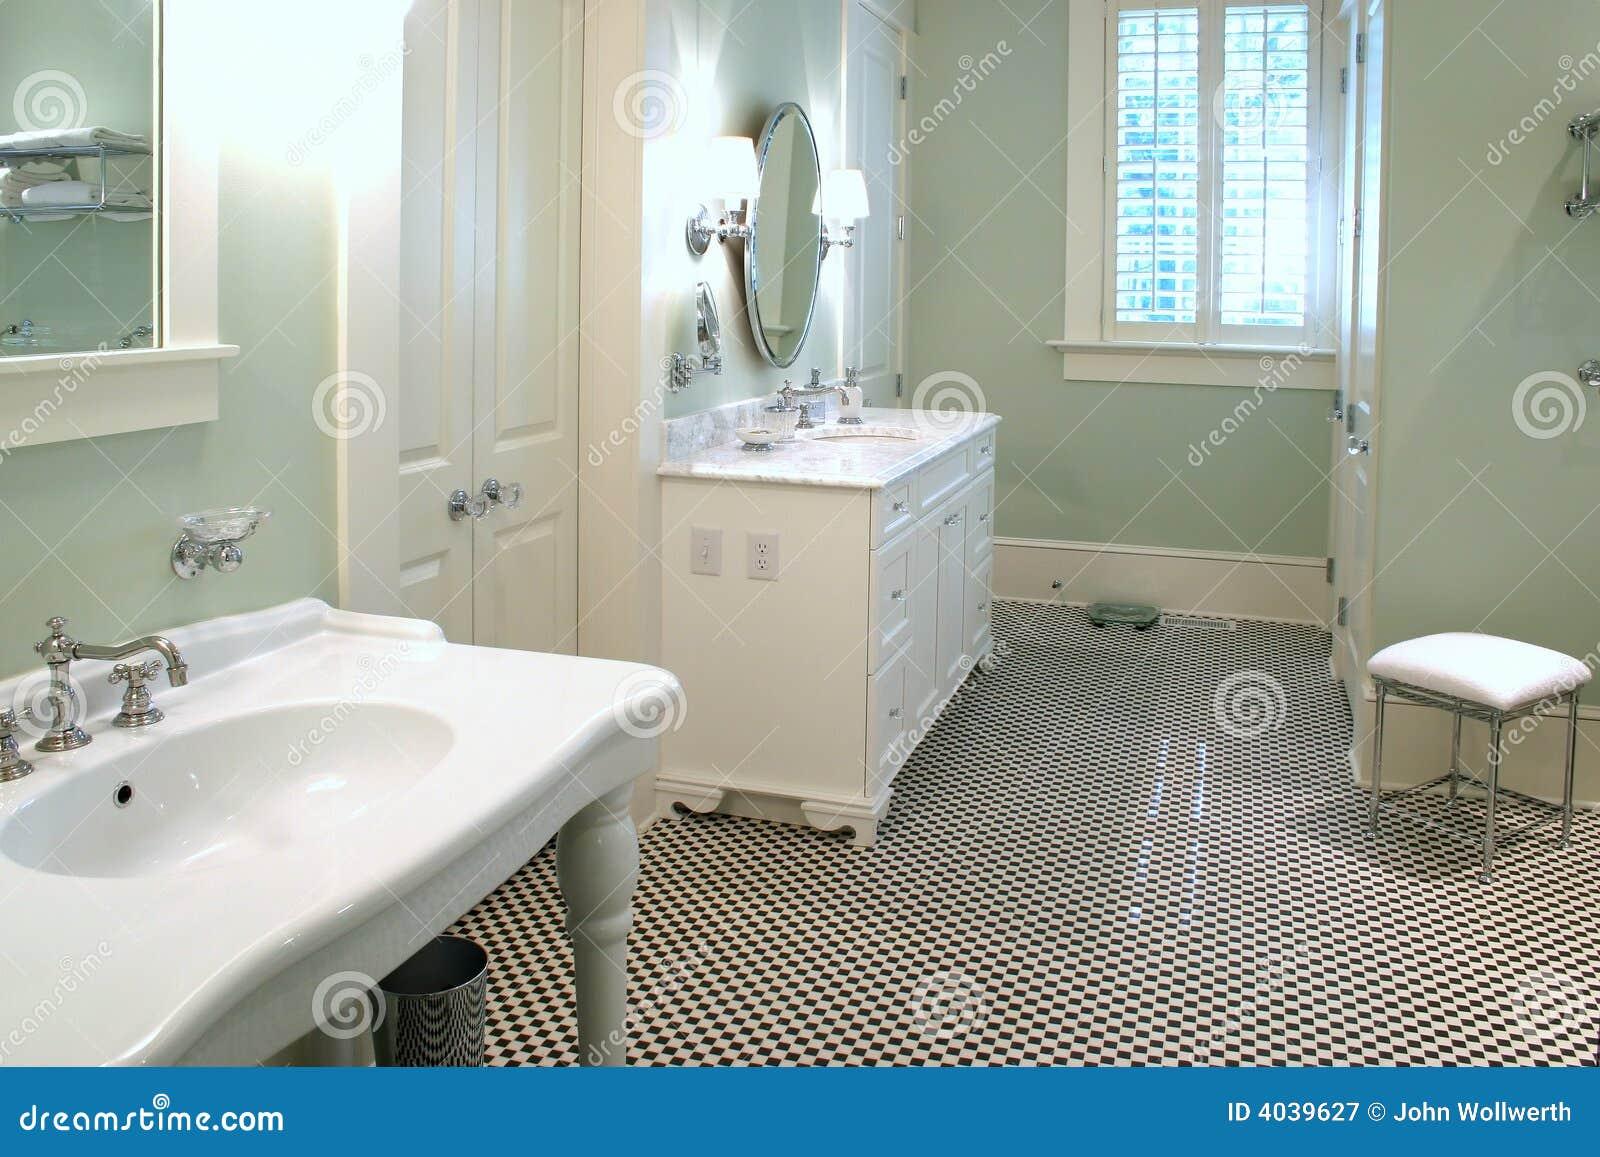 Salle de bains noire et blanche luxueuse photographie - Salle de bains blanche ...